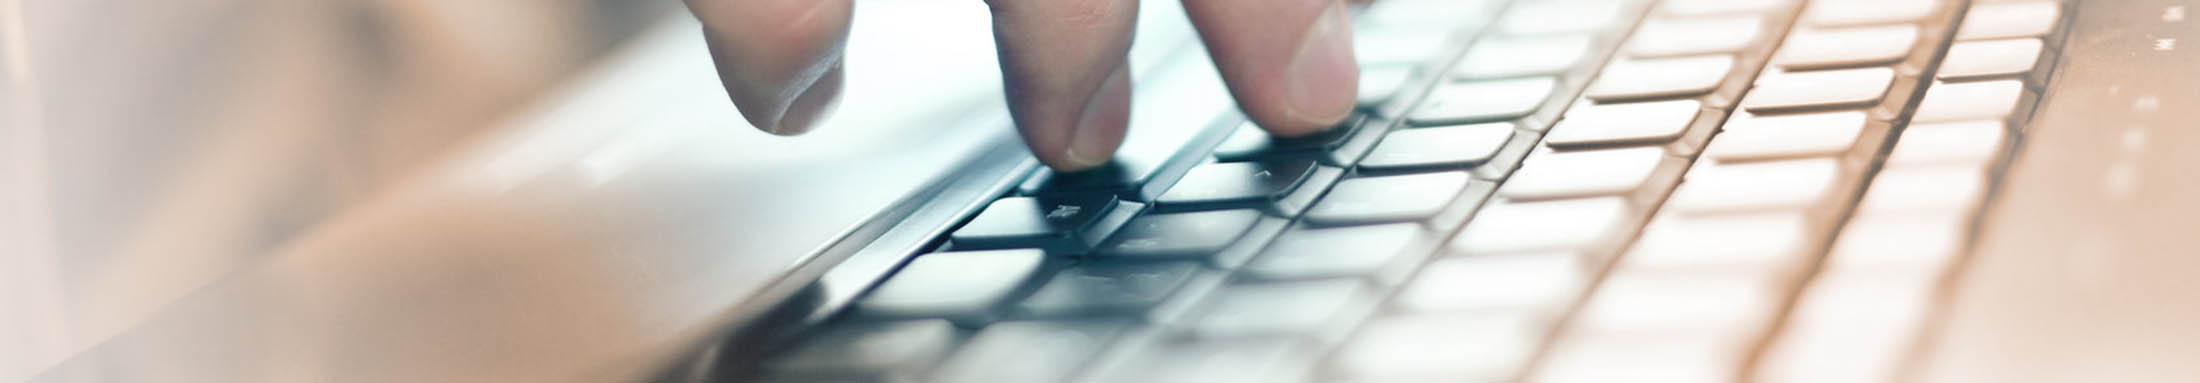 Online-Registrierung